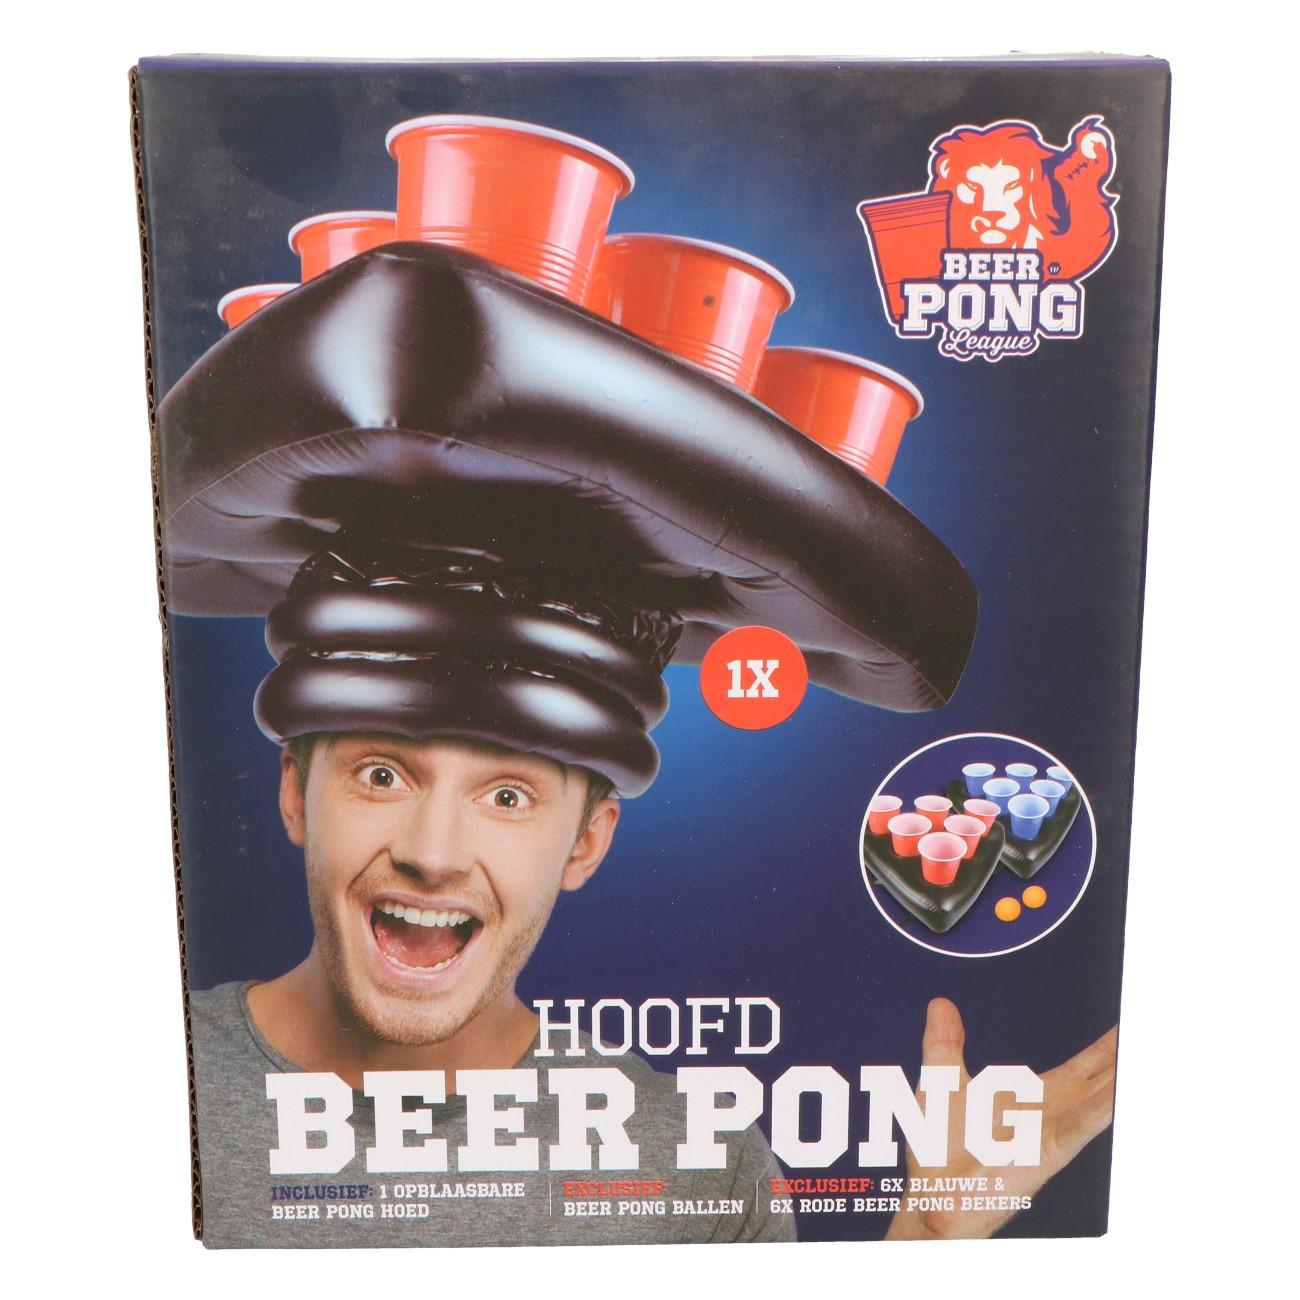 Festival of bierpong hoed